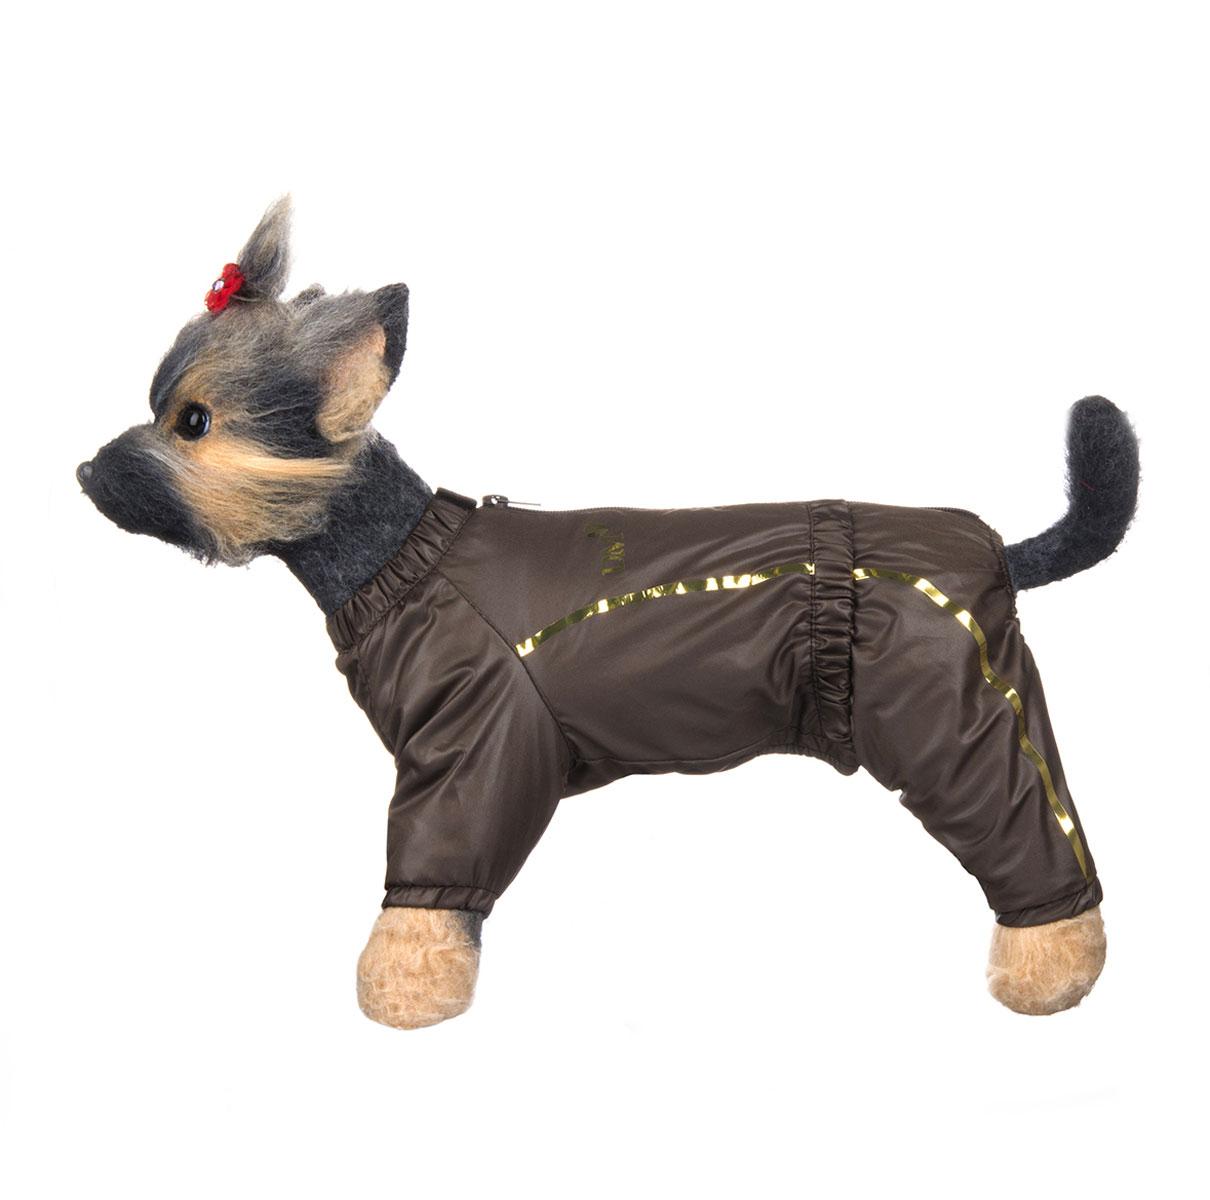 Комбинезон для собак Dogmoda Альпы, для мальчика, цвет: коричневый. Размер 4 (XL)DM-150330-4Комбинезон для собак Dogmoda Альпы отлично подойдет для прогулок поздней осенью или ранней весной.Комбинезон изготовлен из полиэстера, защищающего от ветра и осадков, с подкладкой из флиса, которая сохранит тепло и обеспечит отличный воздухообмен. Комбинезон застегивается на молнию и липучку, благодаря чему его легко надевать и снимать. Ворот, низ рукавов и брючин оснащены внутренними резинками, которые мягко обхватывают шею и лапки, не позволяя просачиваться холодному воздуху. На пояснице имеется внутренняя резинка. Изделие декорировано золотистыми полосками и надписью DM.Благодаря такому комбинезону простуда не грозит вашему питомцу и он не даст любимцу продрогнуть на прогулке.